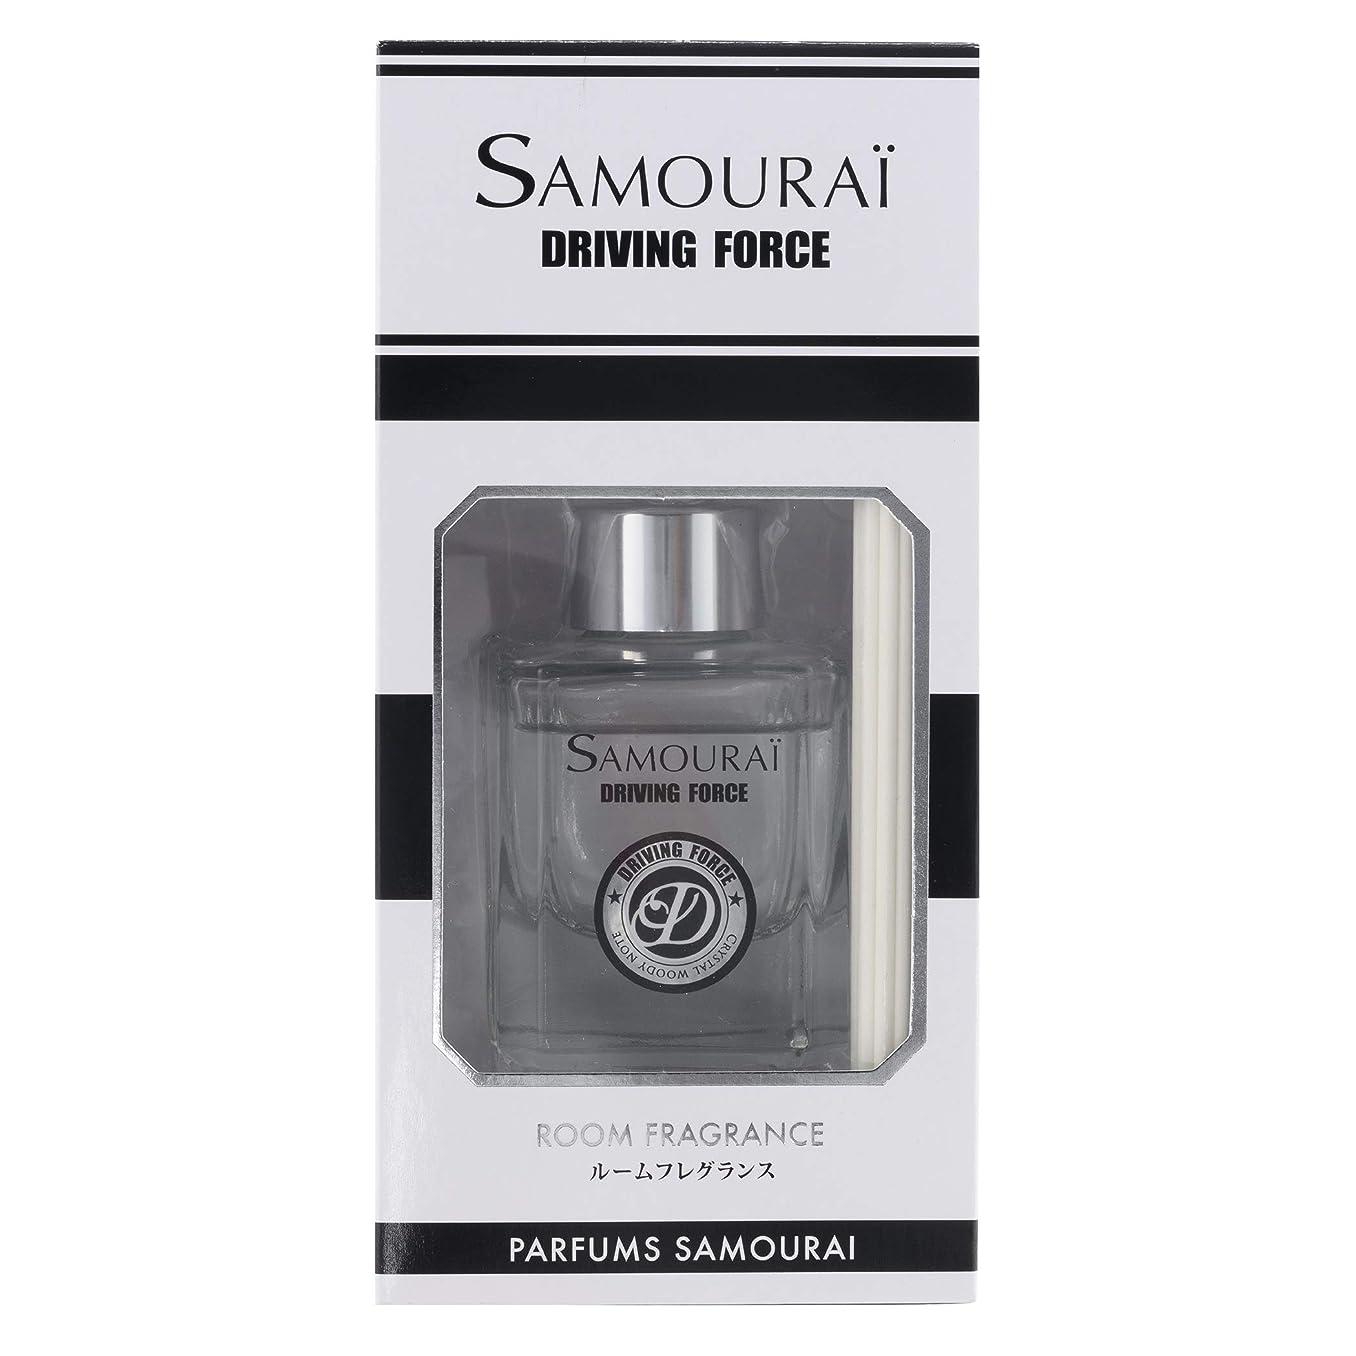 ジェームズダイソン必要ない僕のサムライ ドライビングフォース ルームフレグランス 60ml 香る男の新定番「サムライ ドライビングフォース」の香り